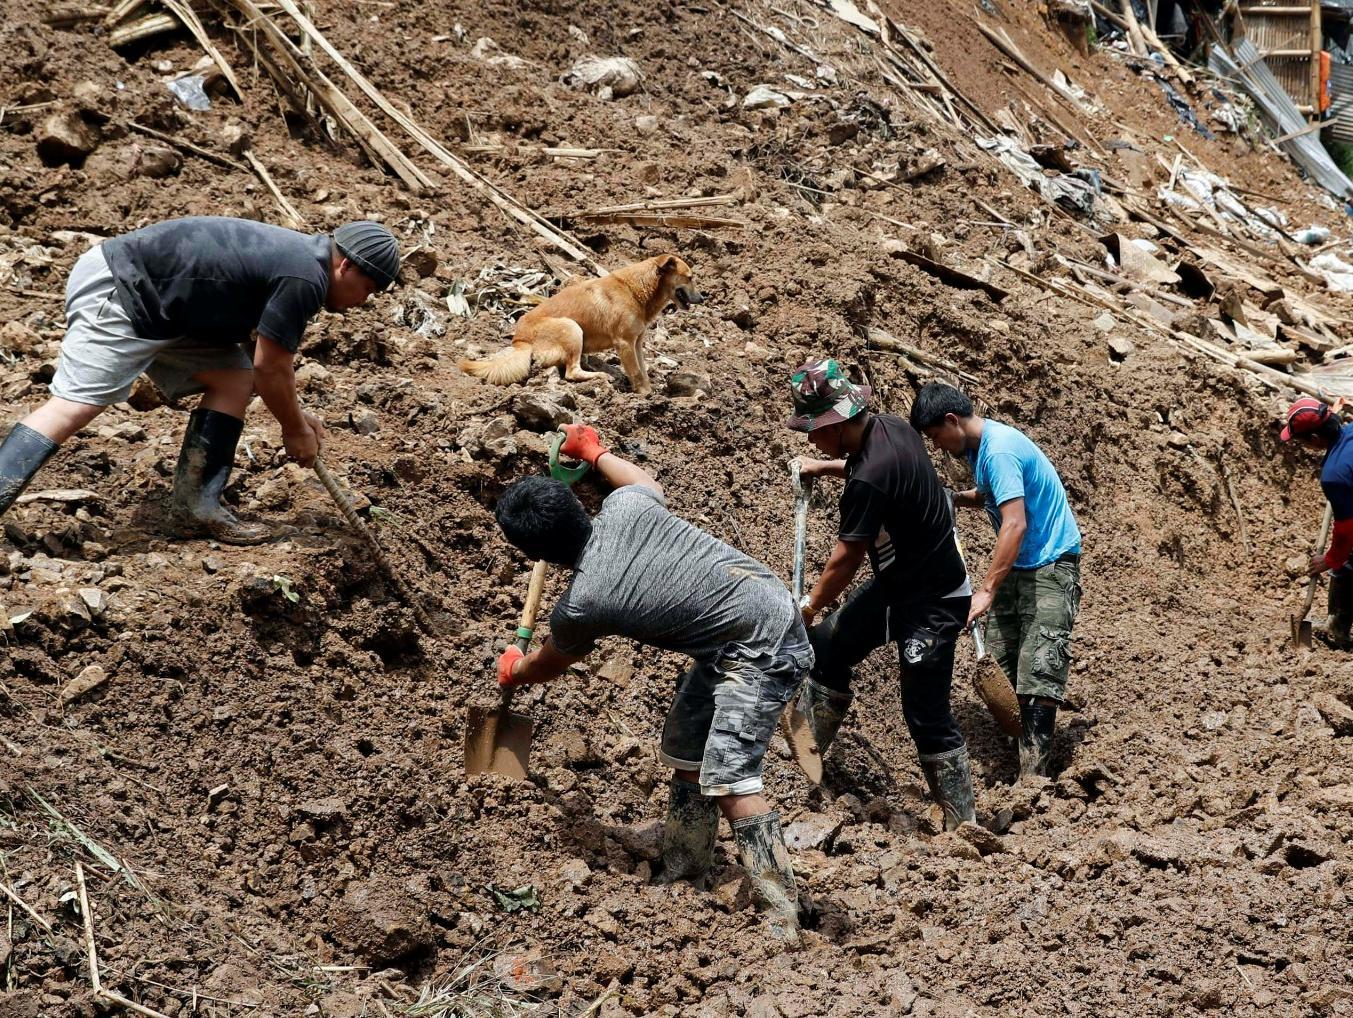 ניצולים סימסו מההריסות: עשרות הרוגים במפולת בוץ בפיליפינים